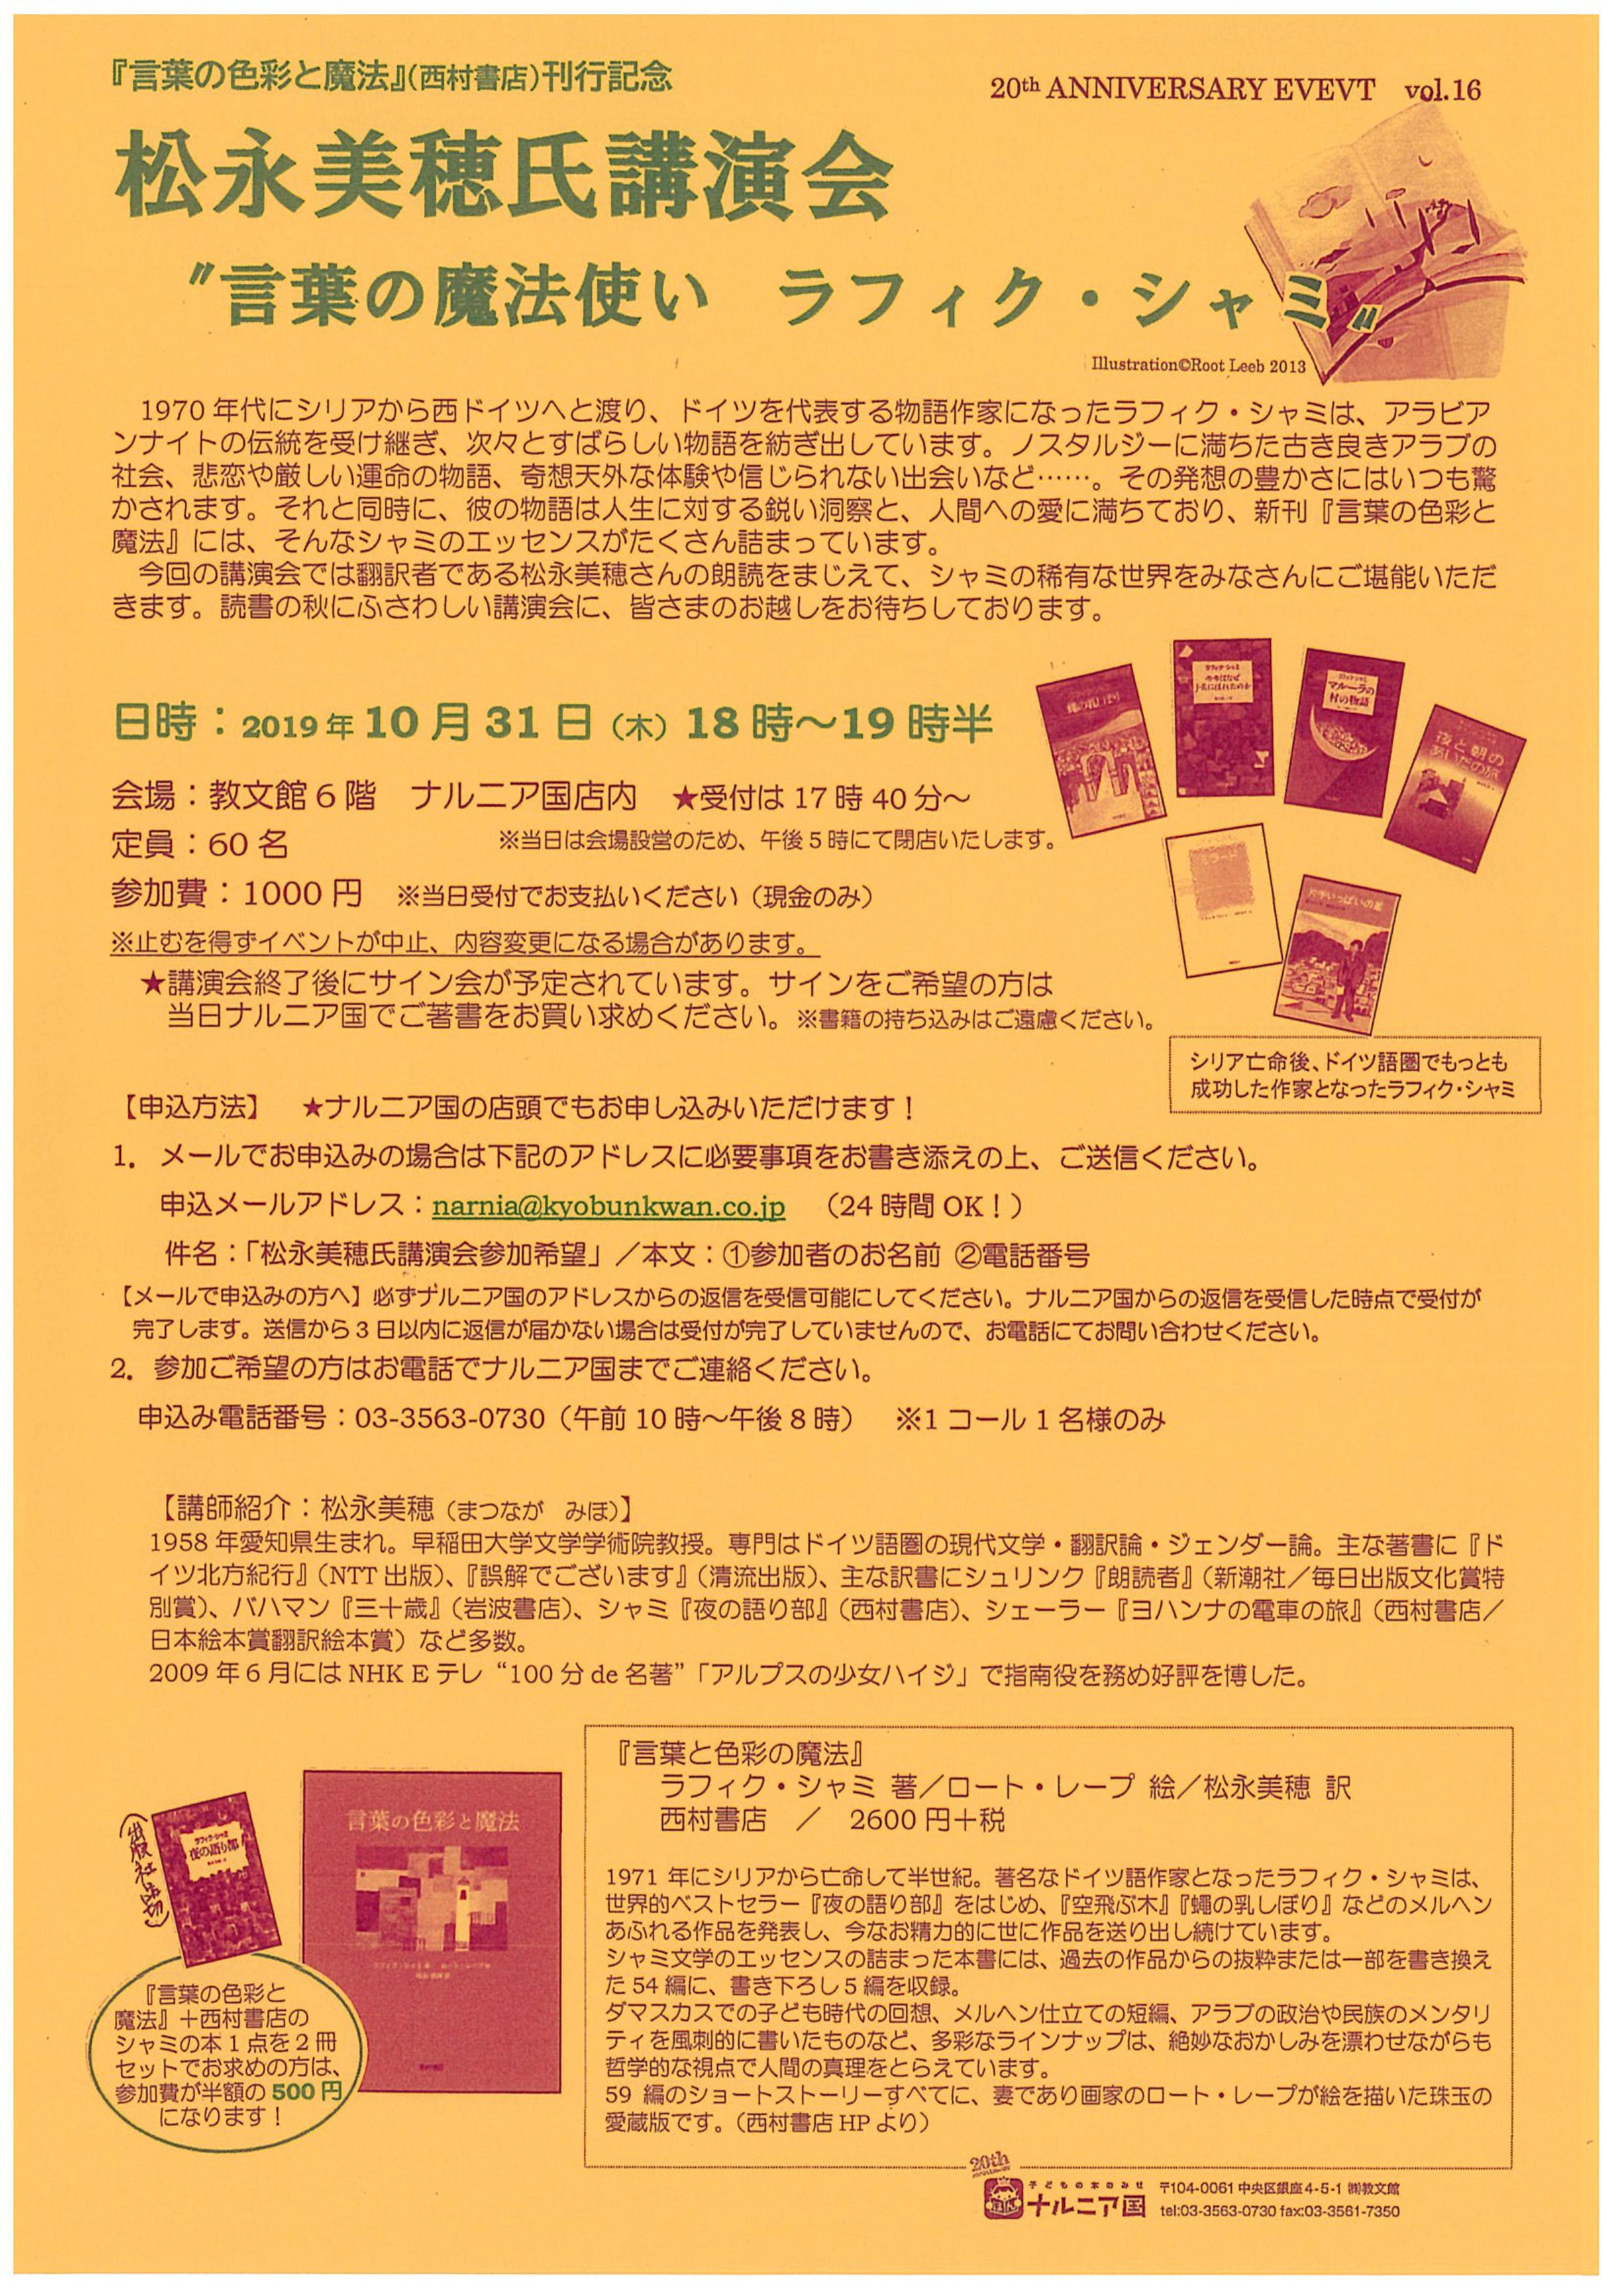 松永美穂さん『言葉の色彩』ナルニア国講演会チラシ